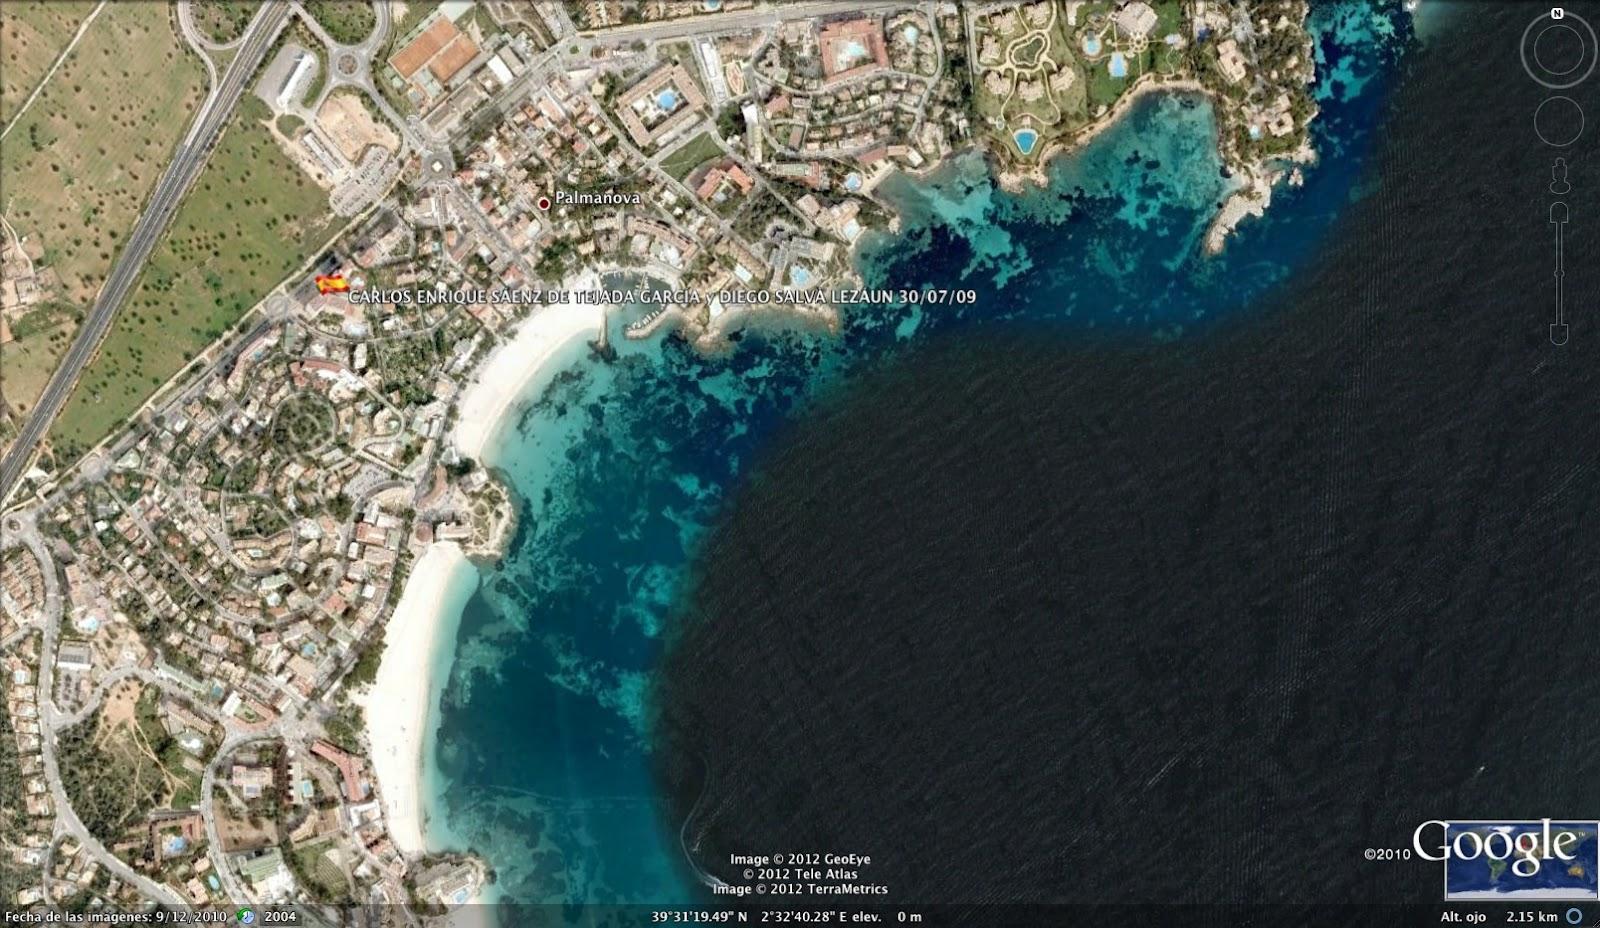 el mapa del olvido el mapa de los asesinatos de eta diego salva lezaun calvia islas baleares espana